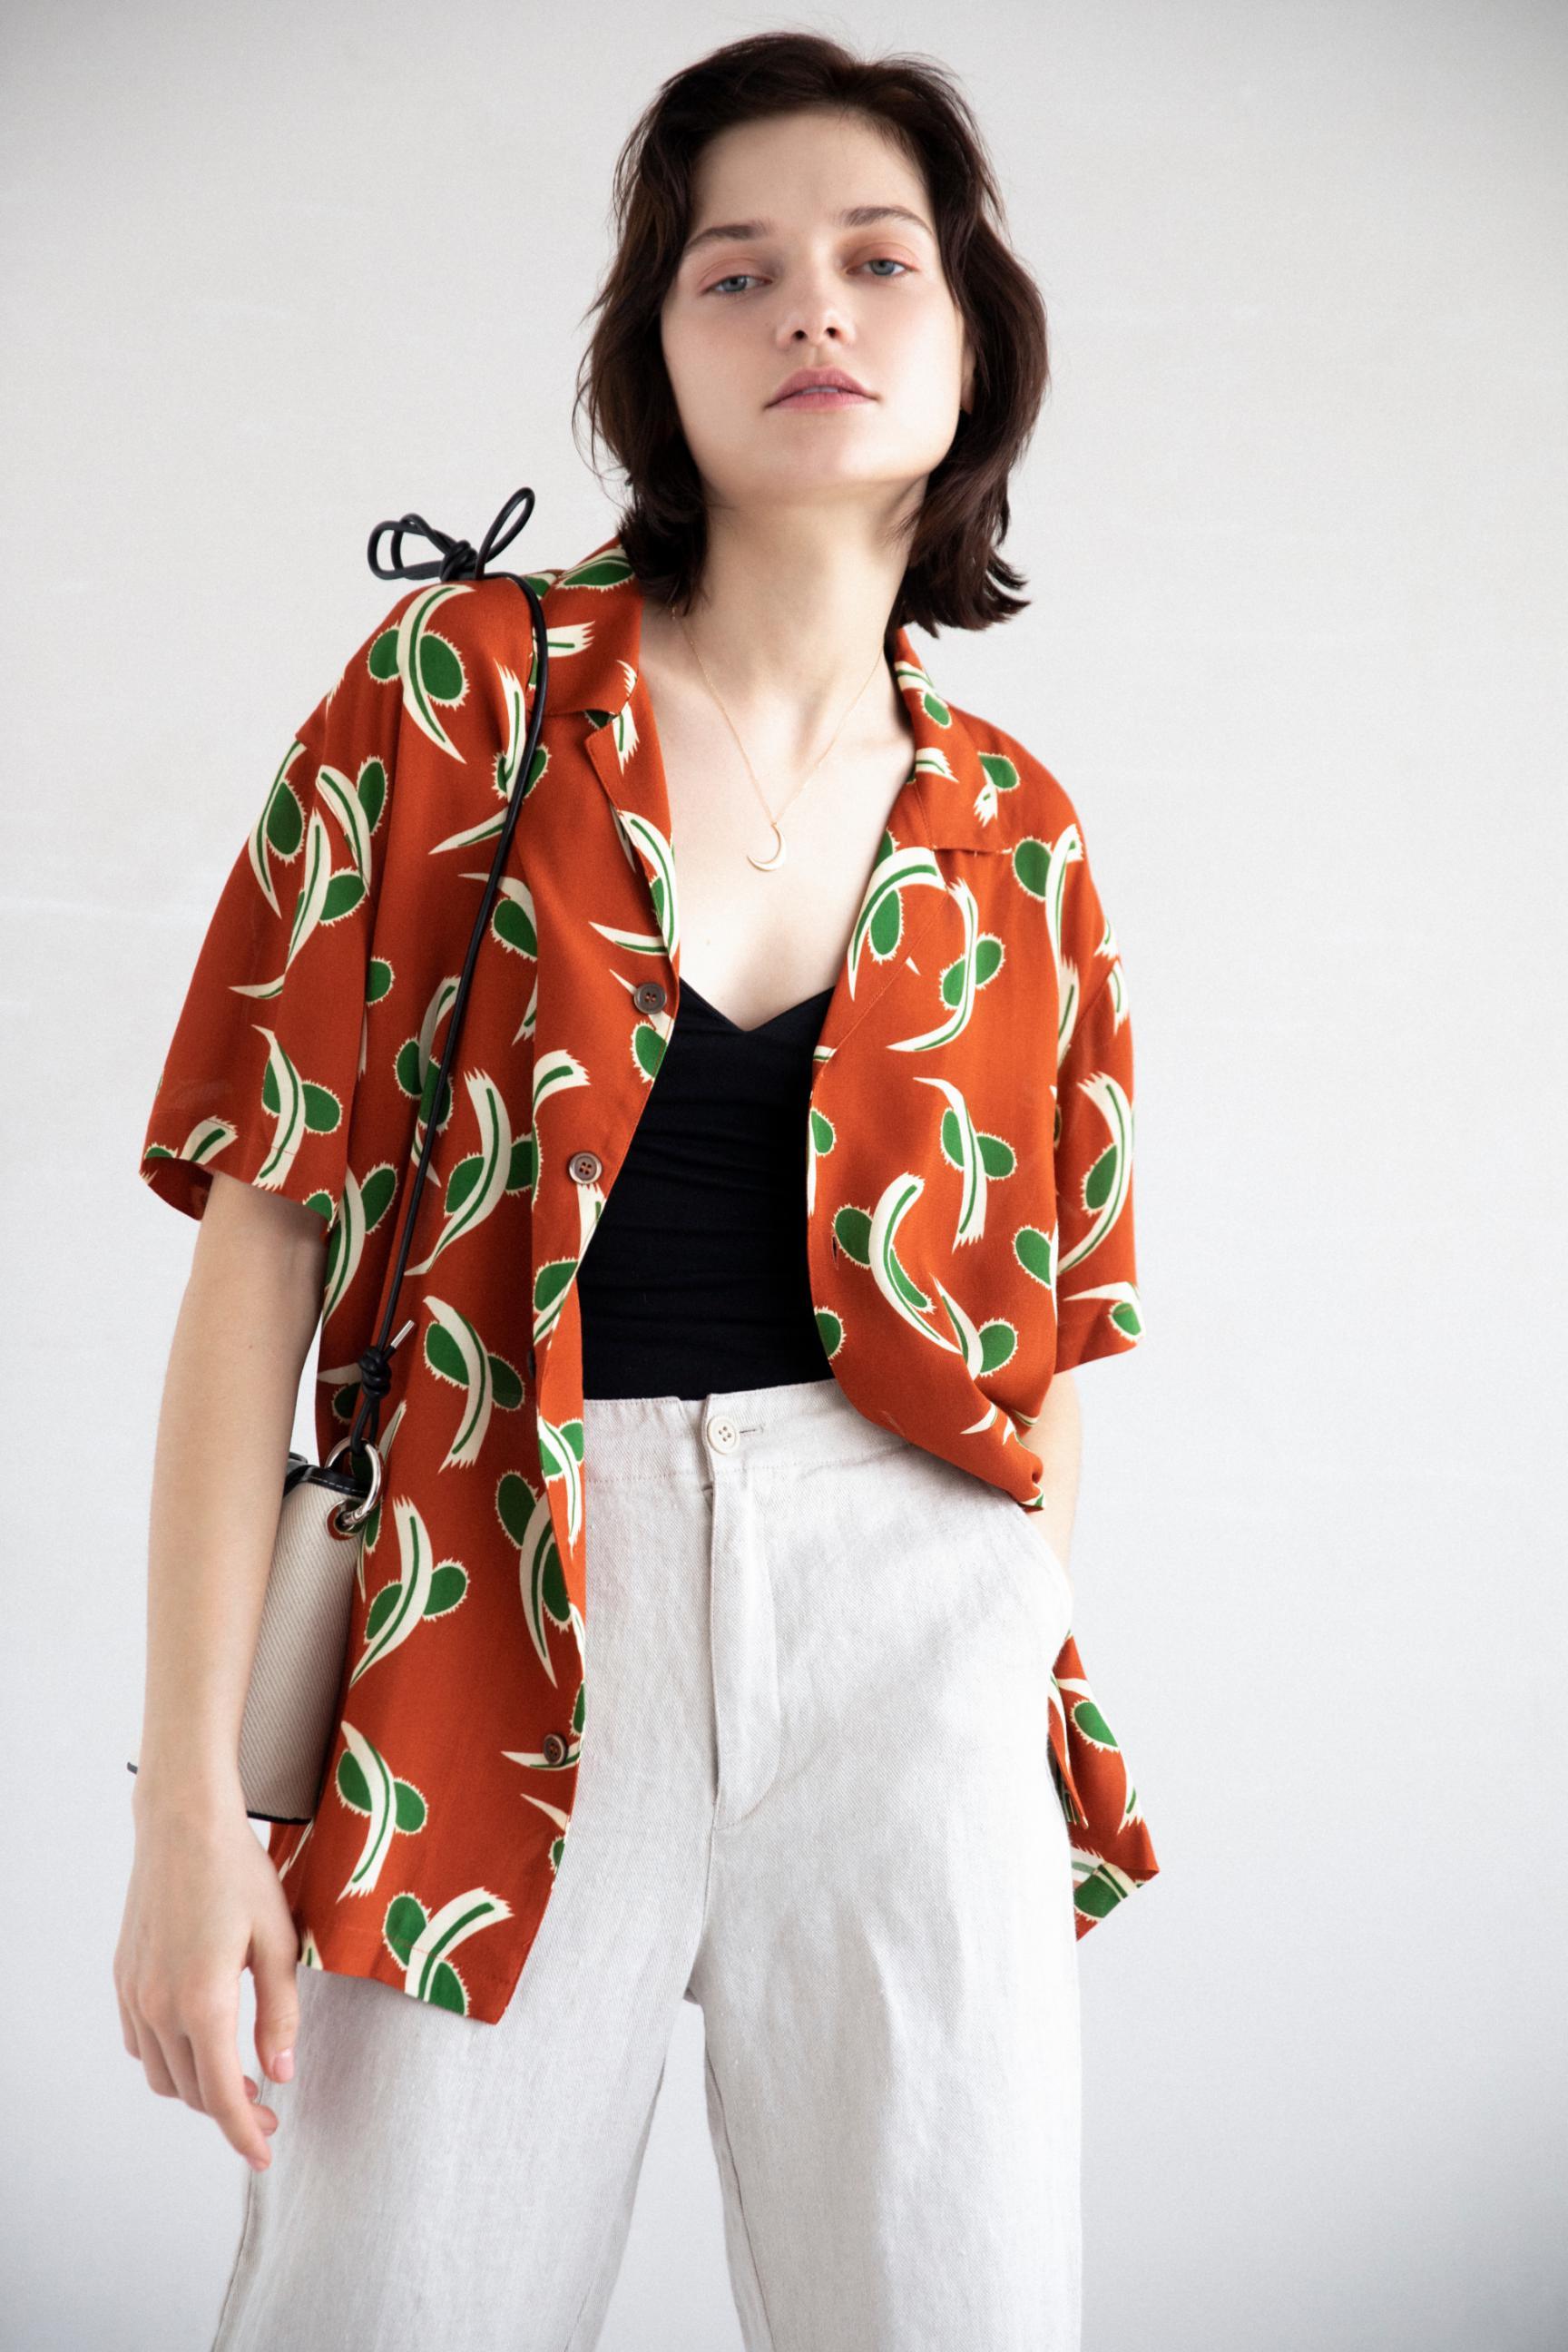 24_1 shirt¥23,100 camisole¥8,800 pants¥28,600 necklace¥63,800 bag¥19,000 shoes¥16,500